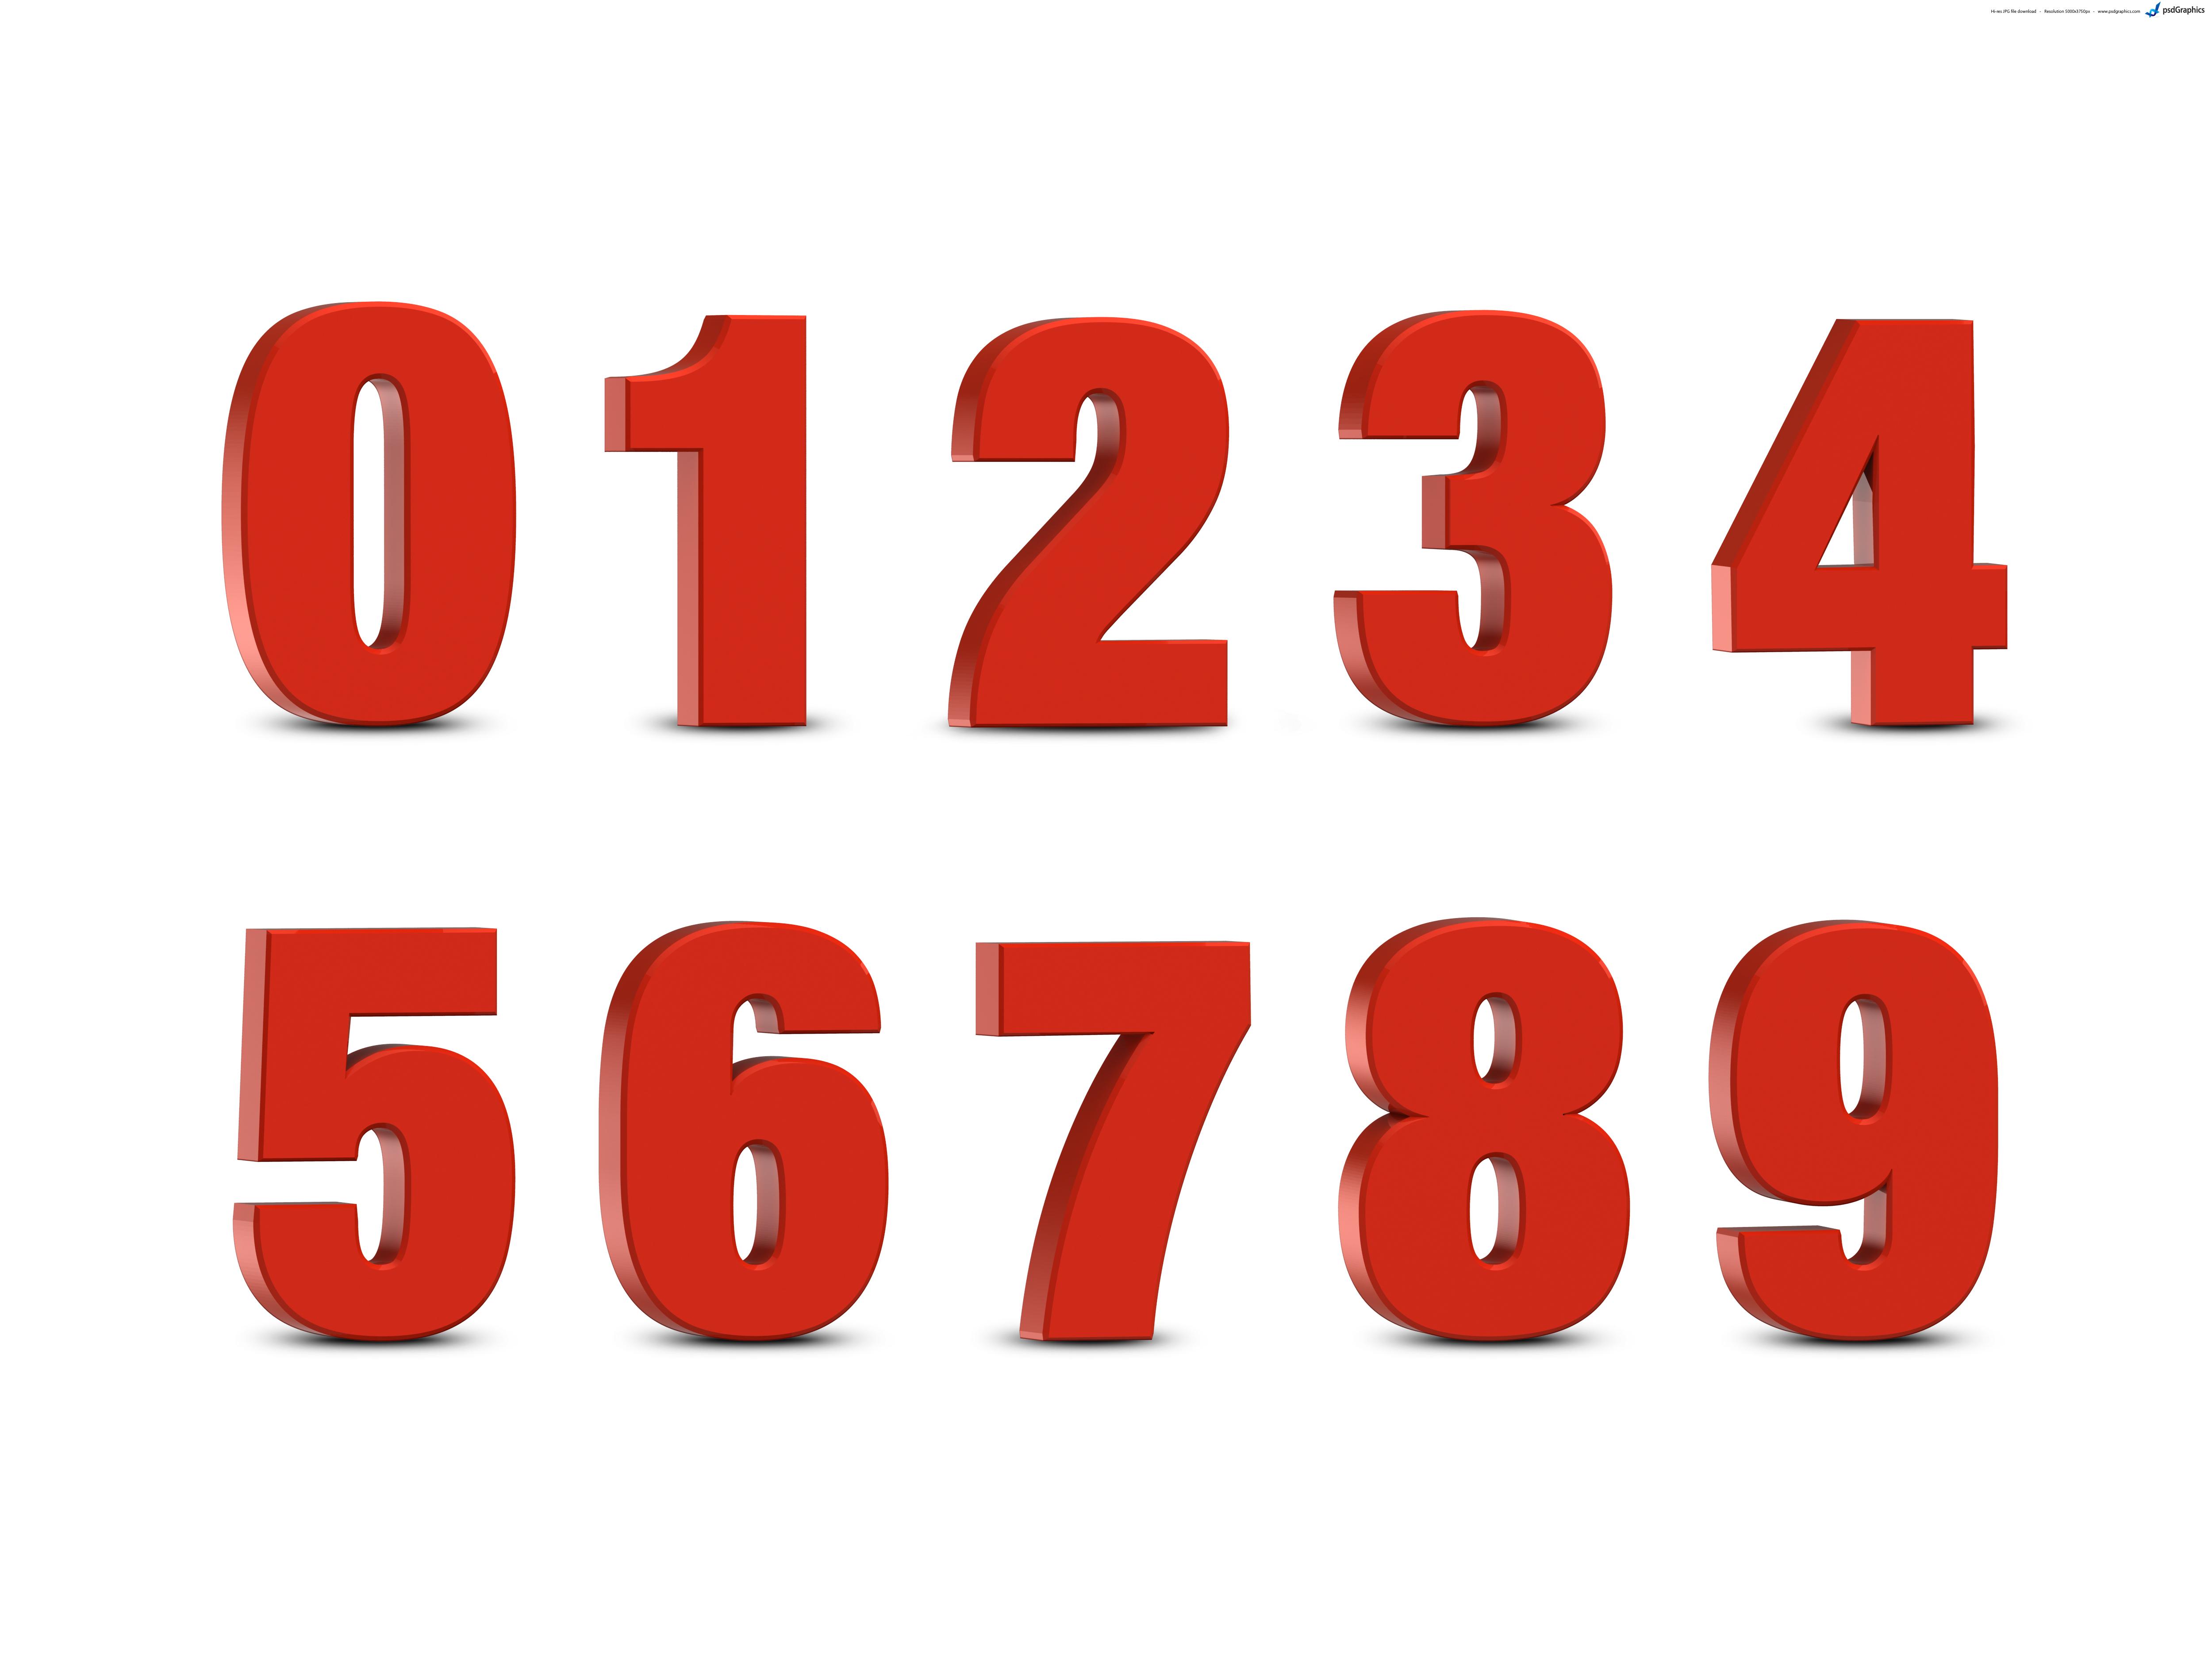 5000x3738 Number Number Number